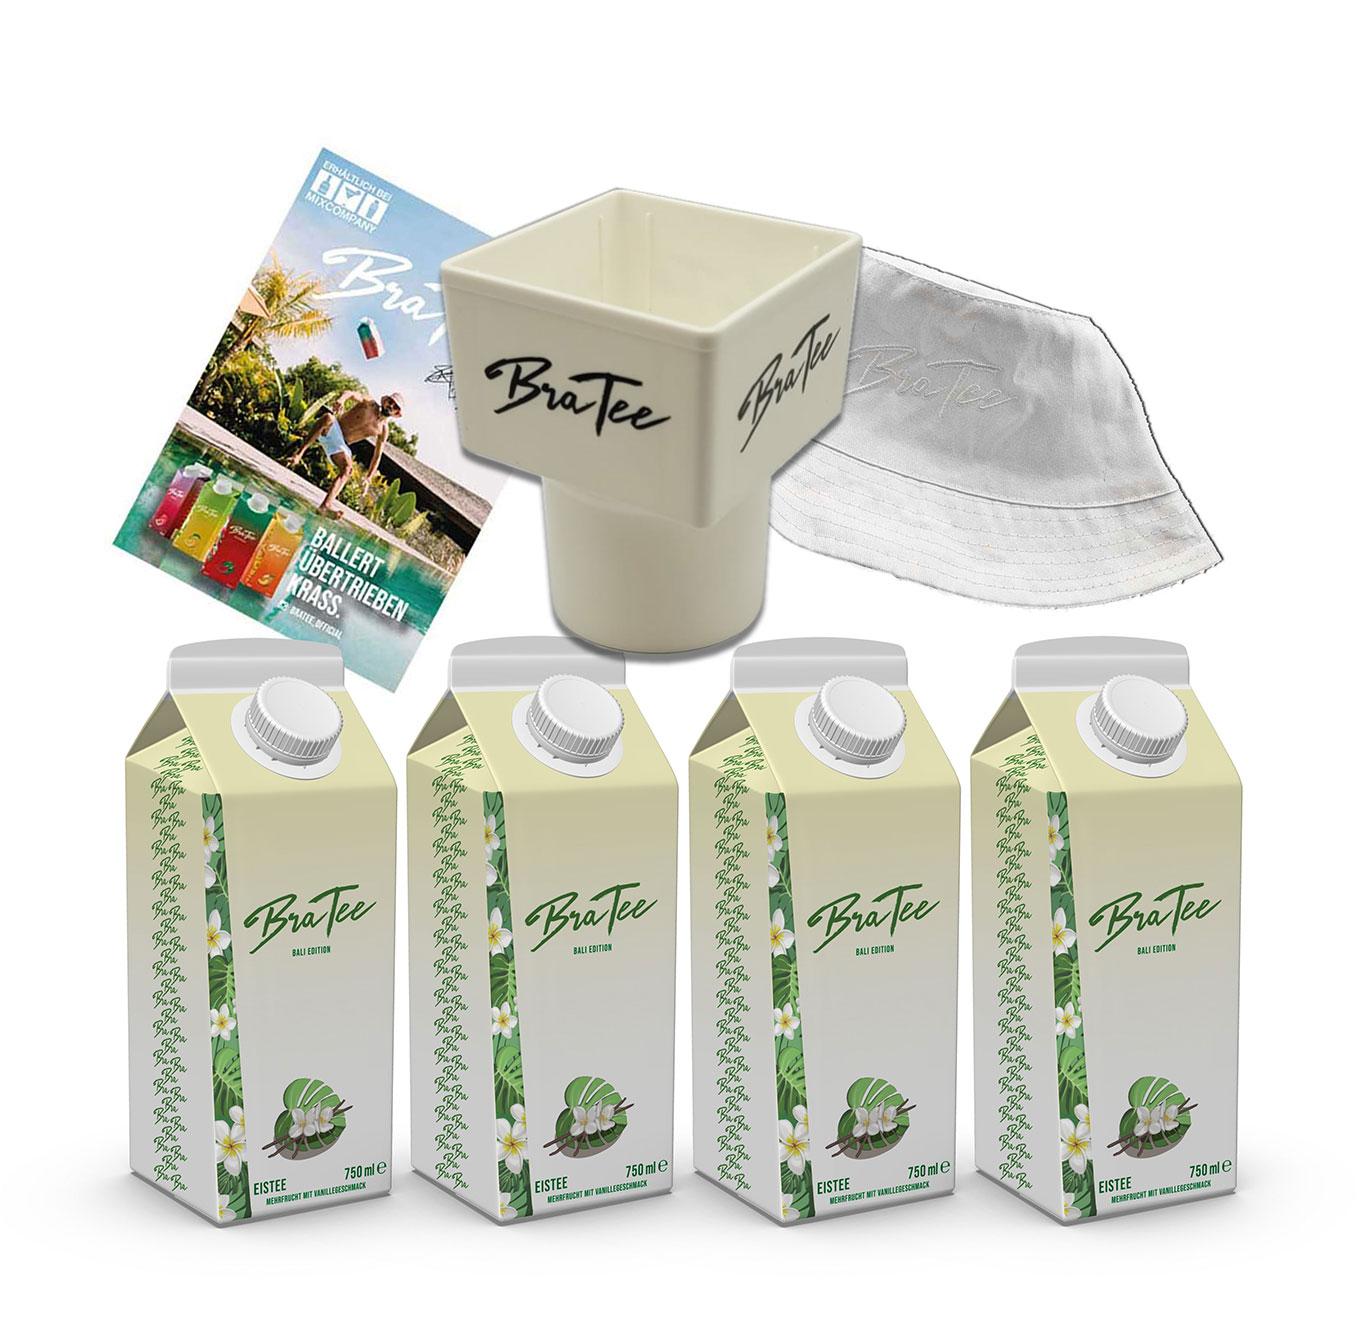 Capital BraTee Bali Edition 4er Set Special Eistee je 750ml + Gratis Getränkehalter + Autogrammkarte und Hut BRATEE Limited Edition Ice tea Mehrfrucht mit Vanillegeschmack mit Capi-Qualitäts-Siegel - Du weisst Bescheid